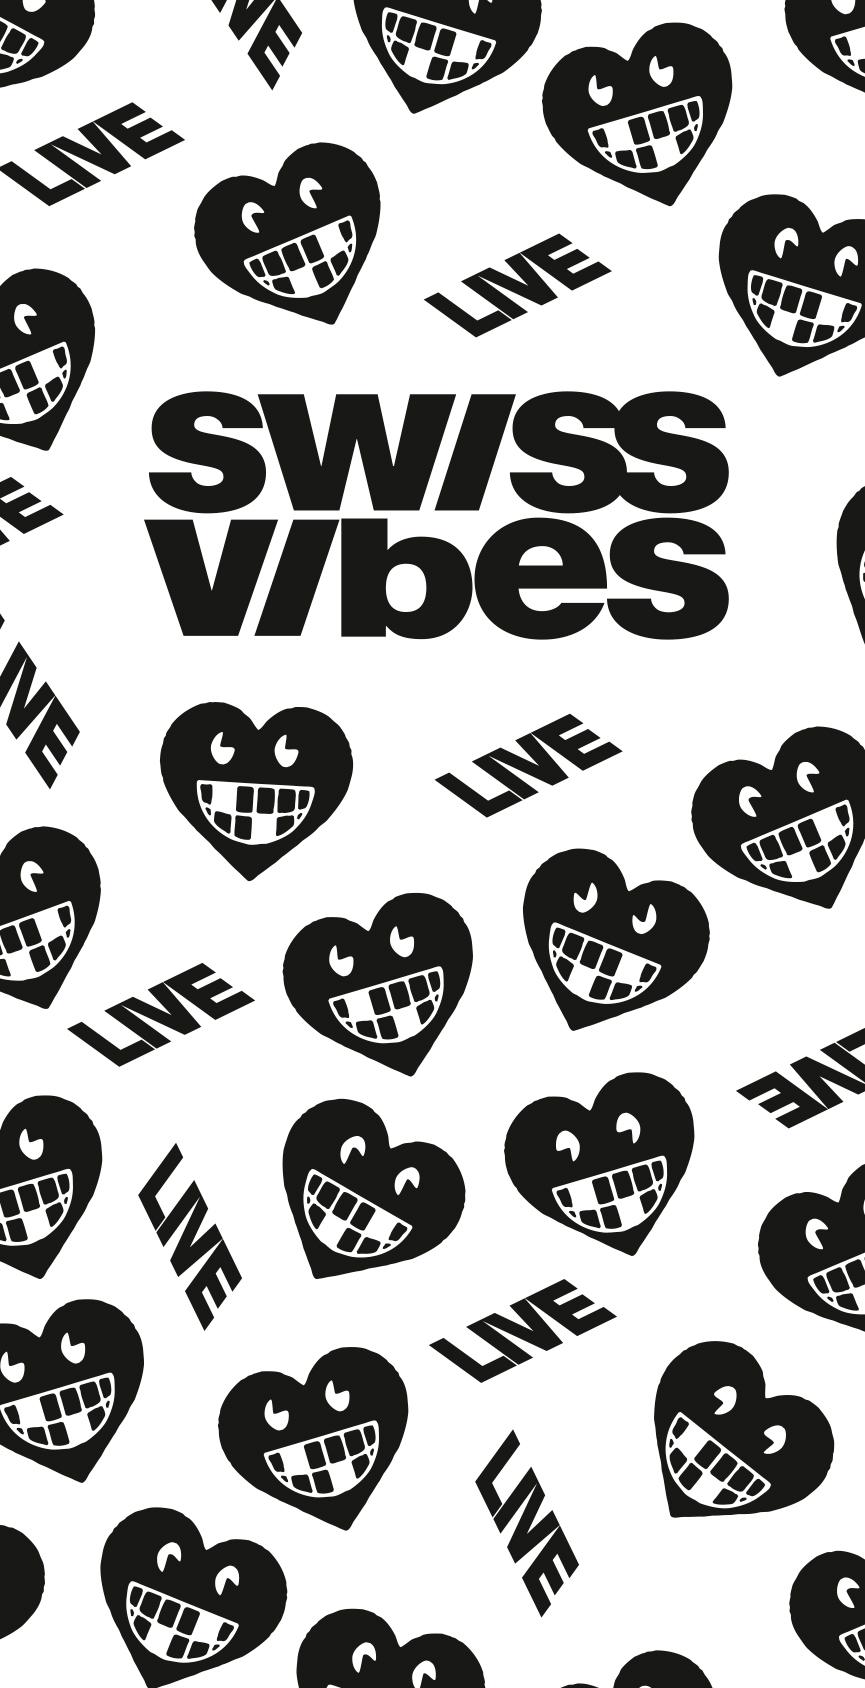 swissvibe_live_inrock